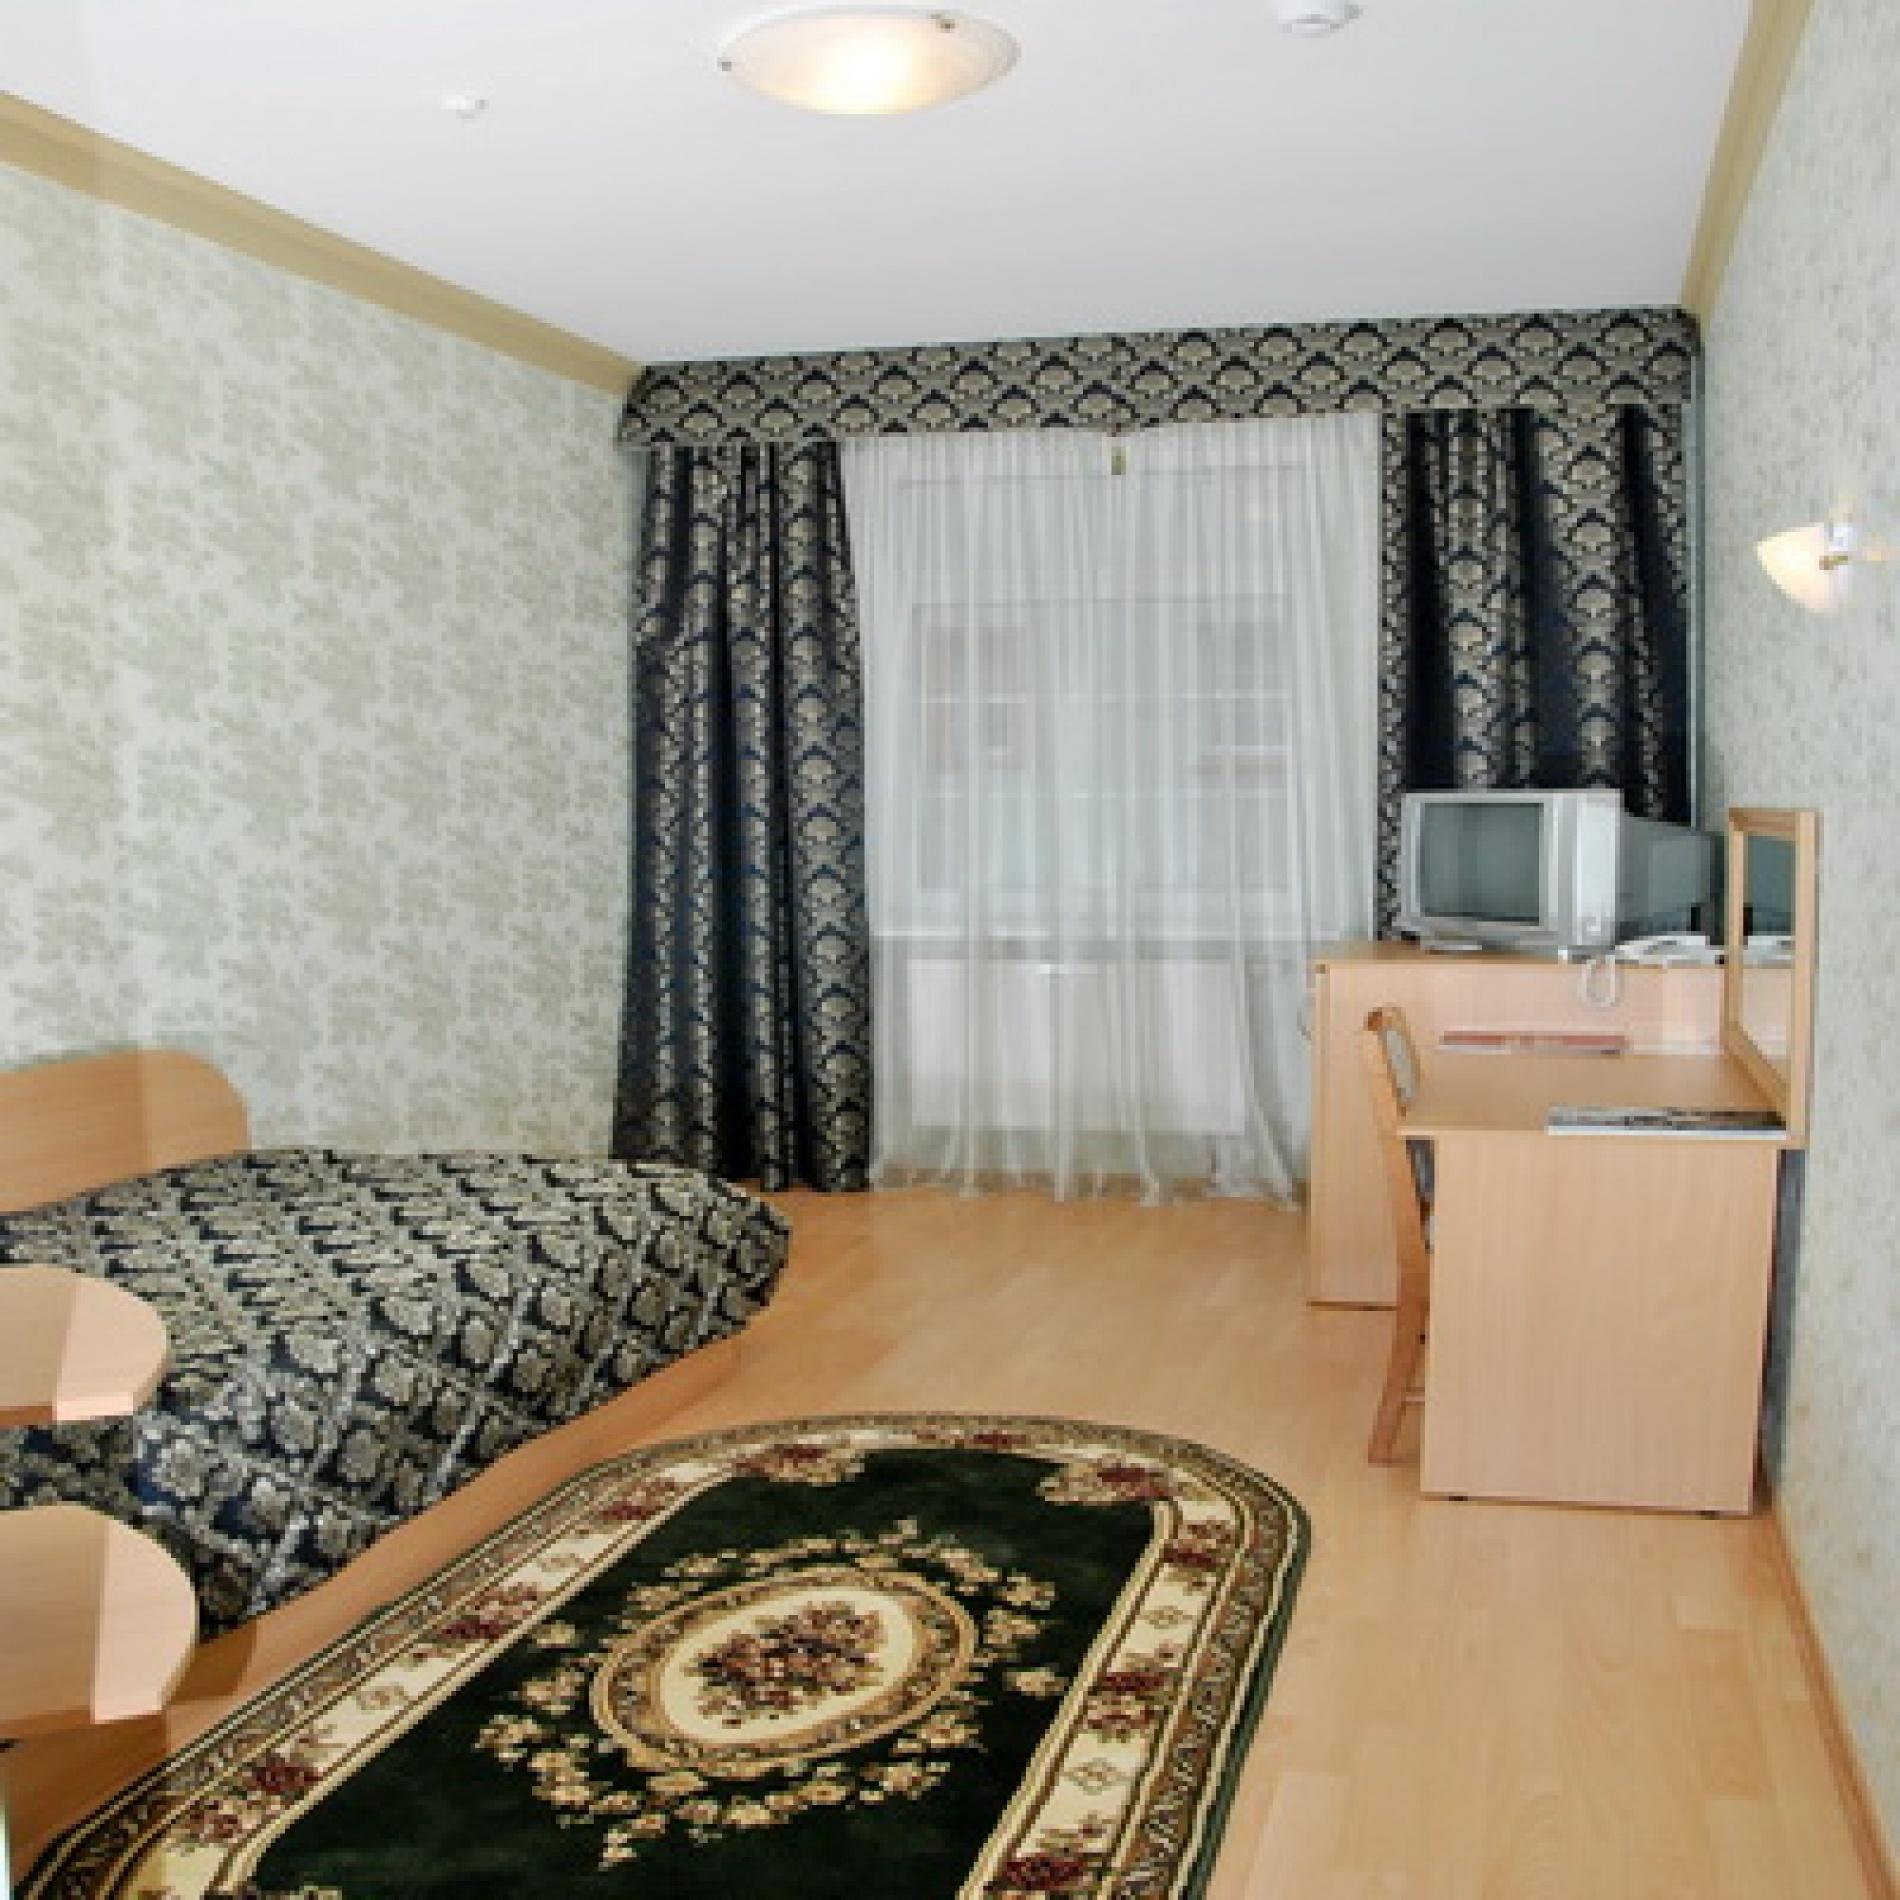 База отдыха «Самбия» Калининградская область «Стандартный одноместный в корпусе А», фото 1